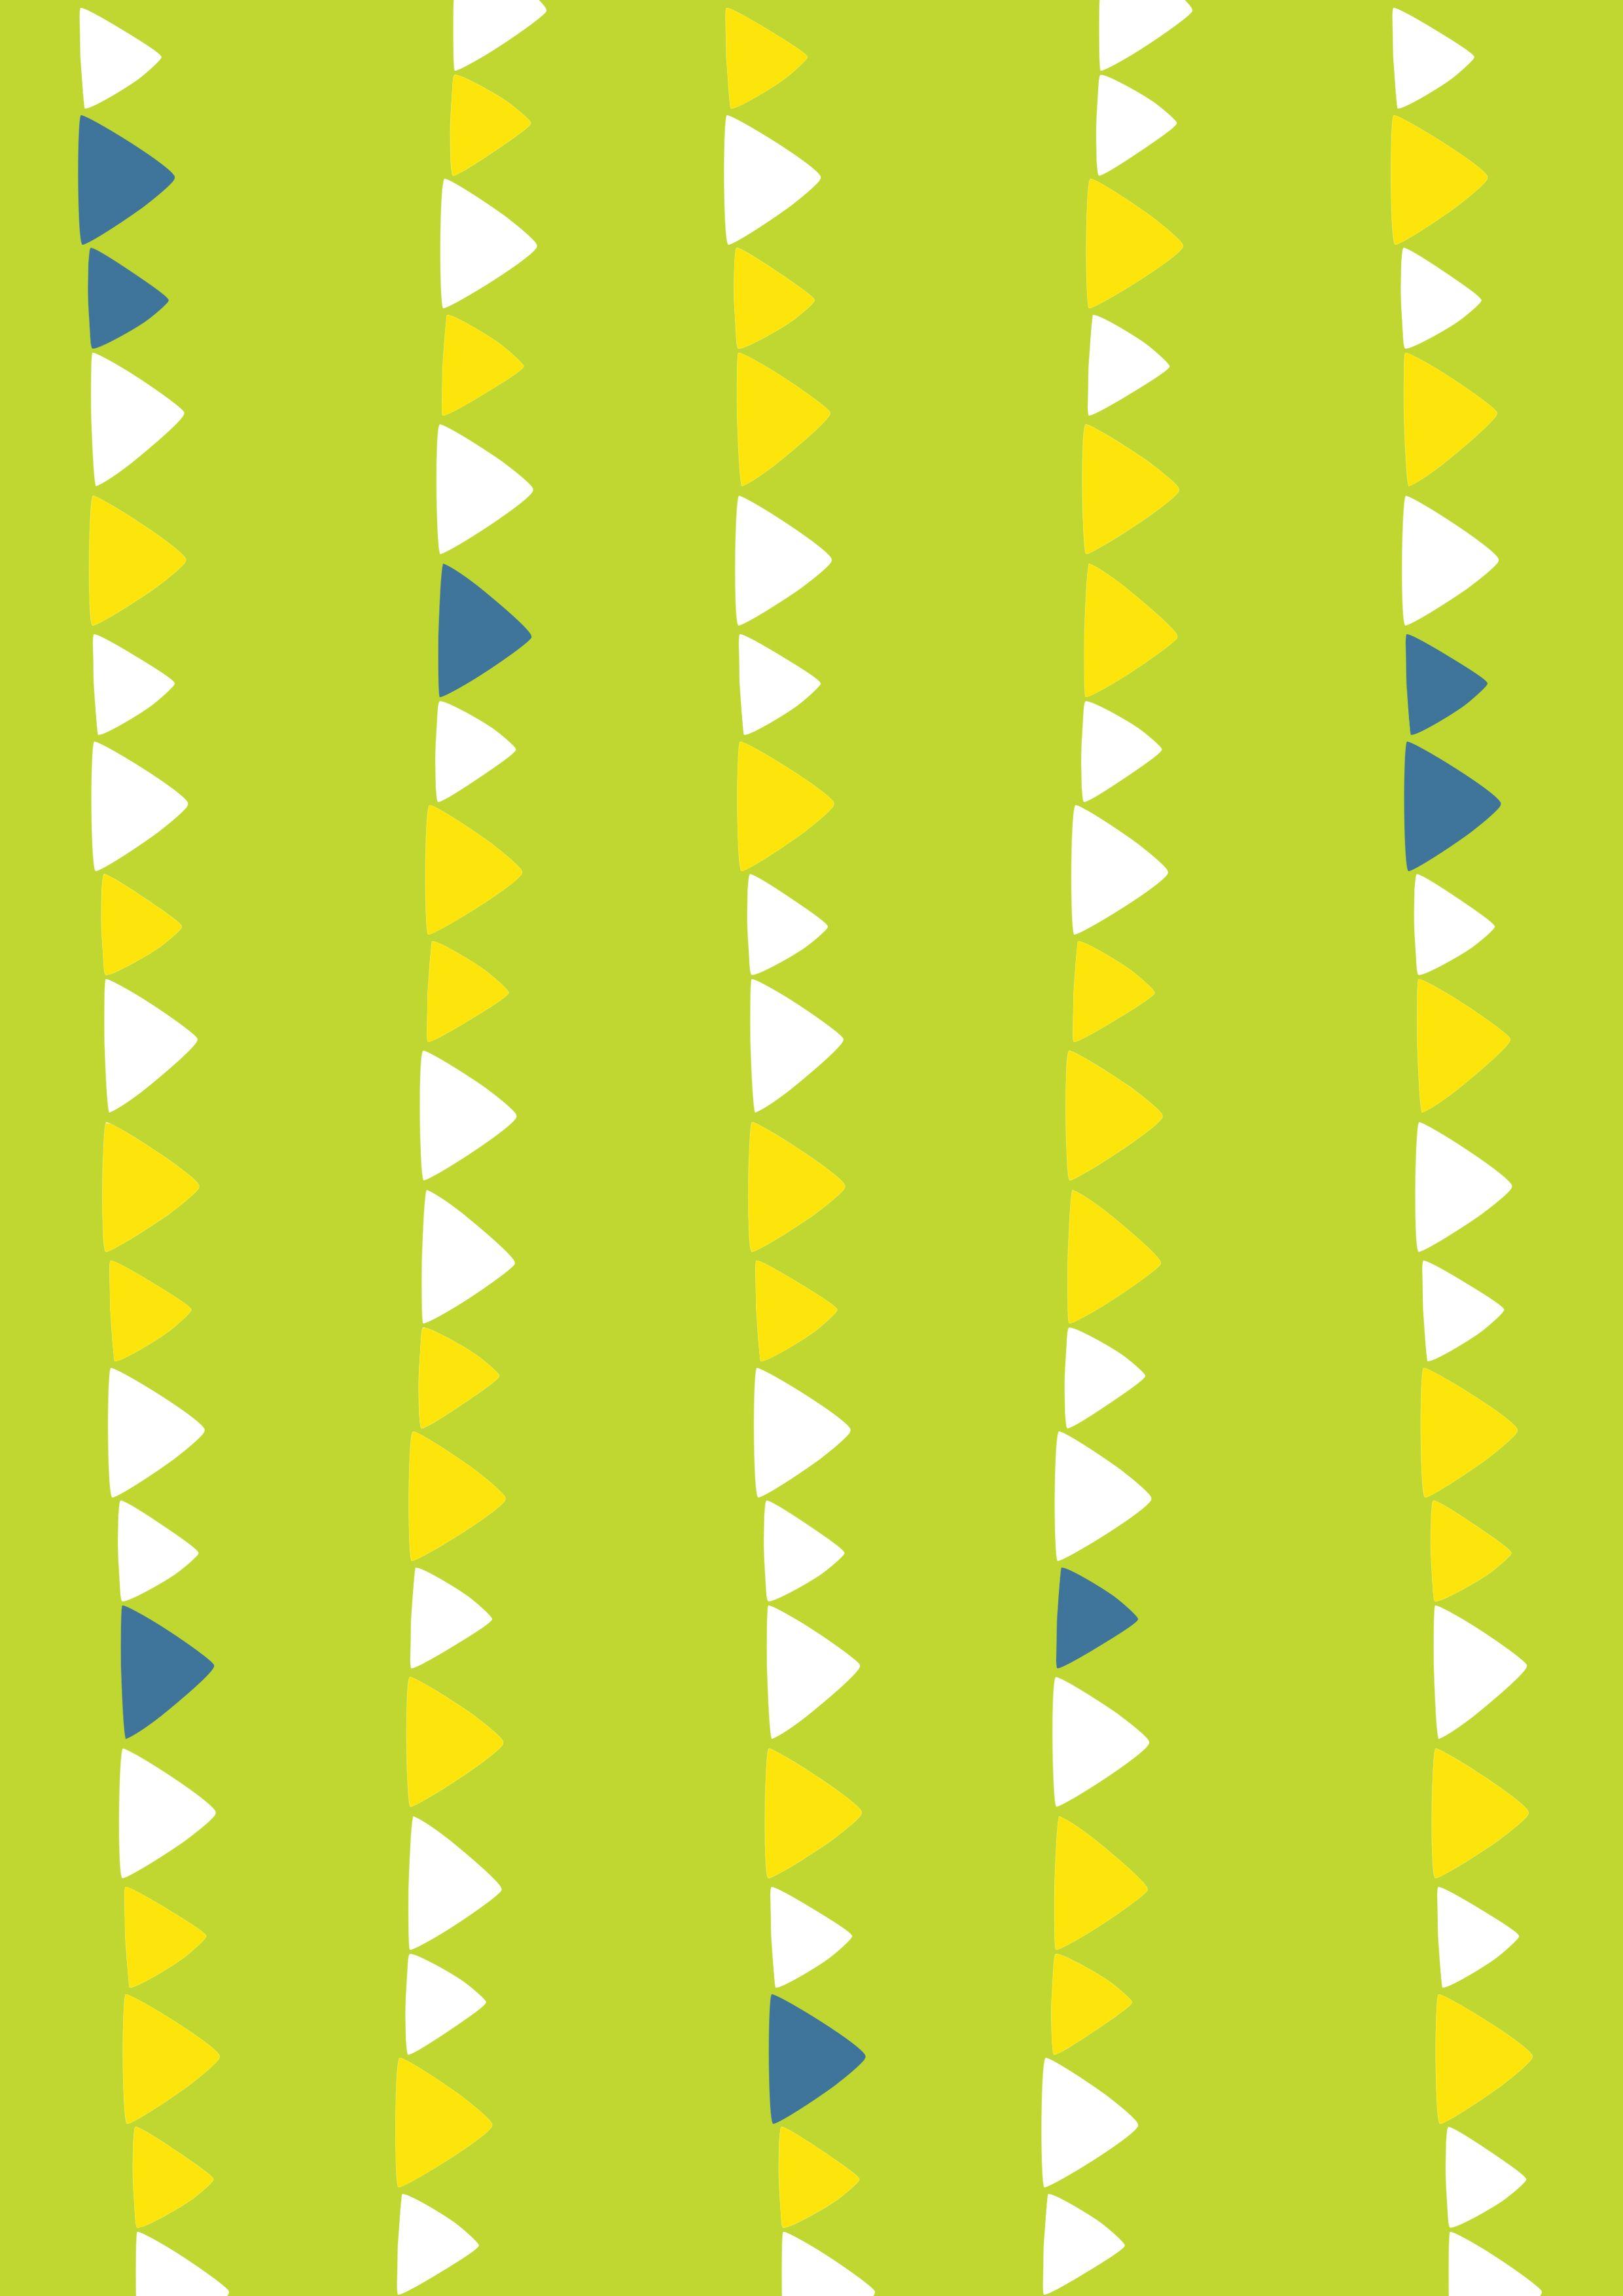 Pikku Kakkosen tulostettavia papereita   lasten   askartelu   kesä   käsityöt   koti   printable patterns  DIY ideas   kid crafts   summer   home   Pikku Kakkonen